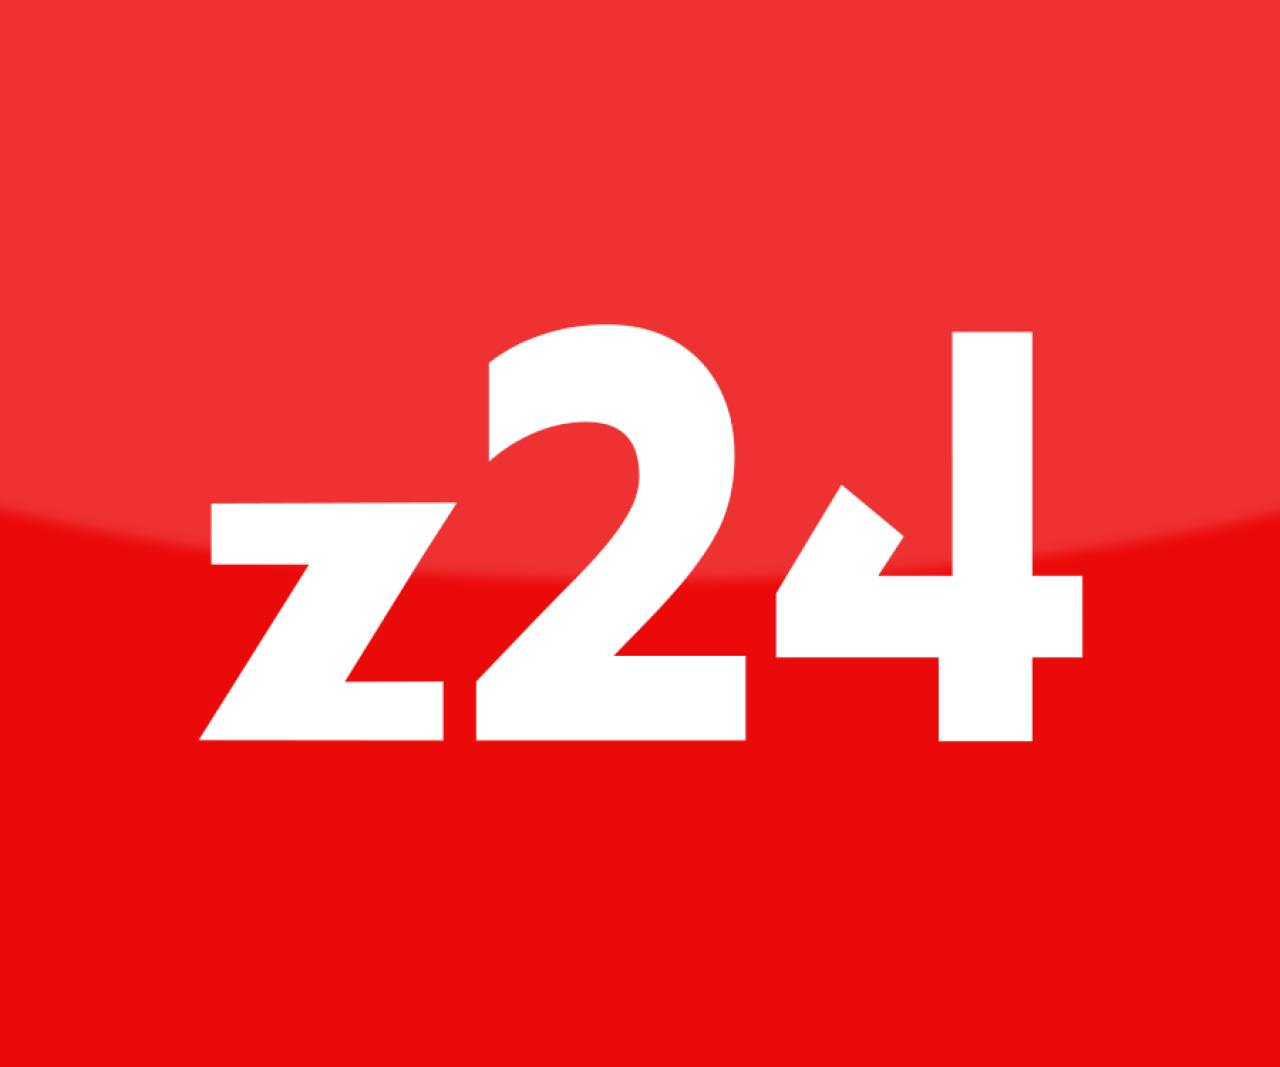 z24 logo